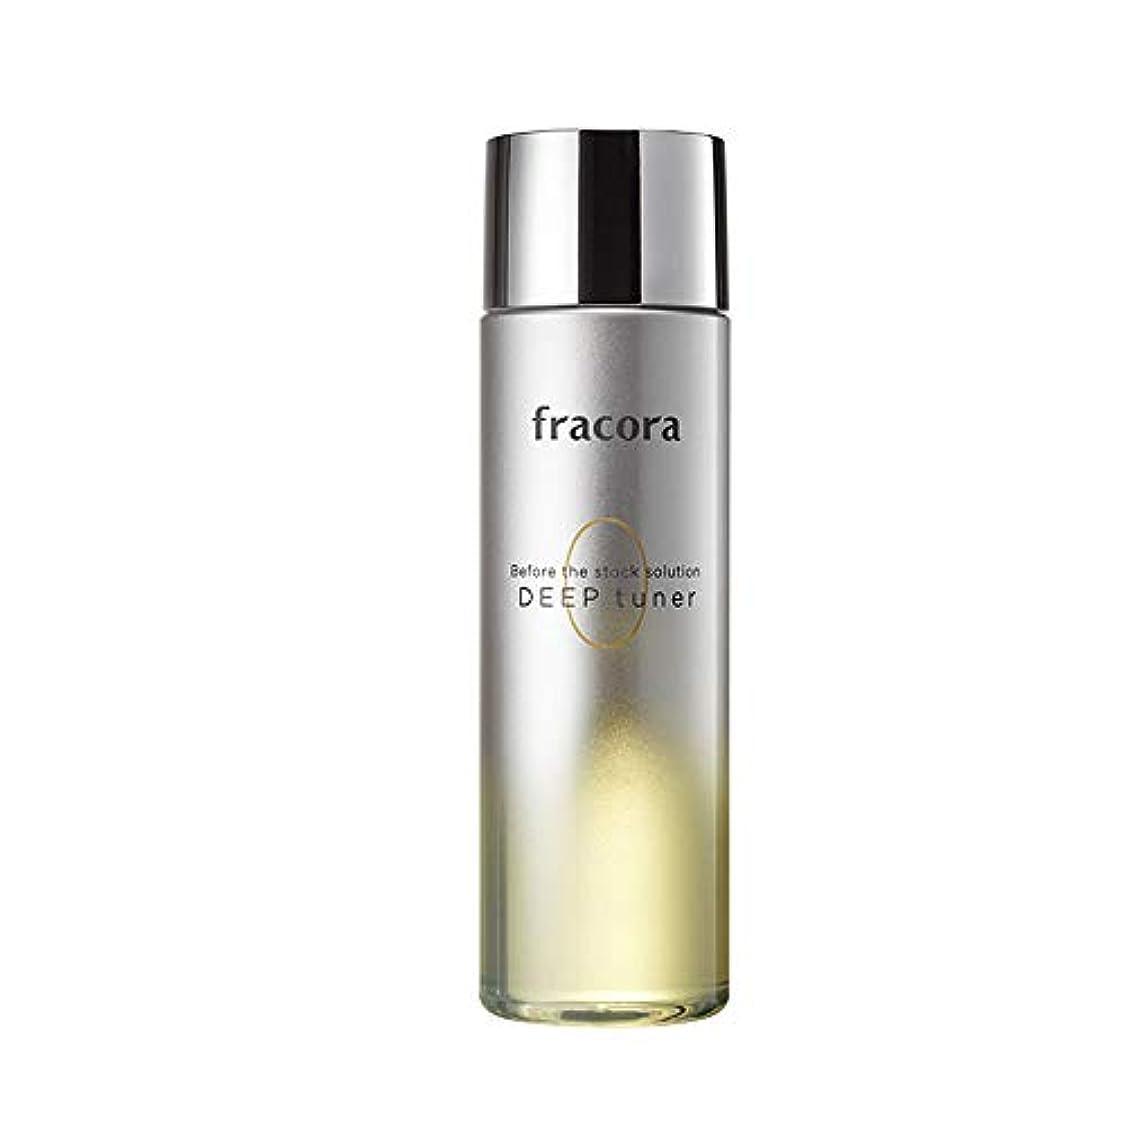 喜ぶ銅経験者fracora(フラコラ) 保湿液 ディープ チューナー 120mL